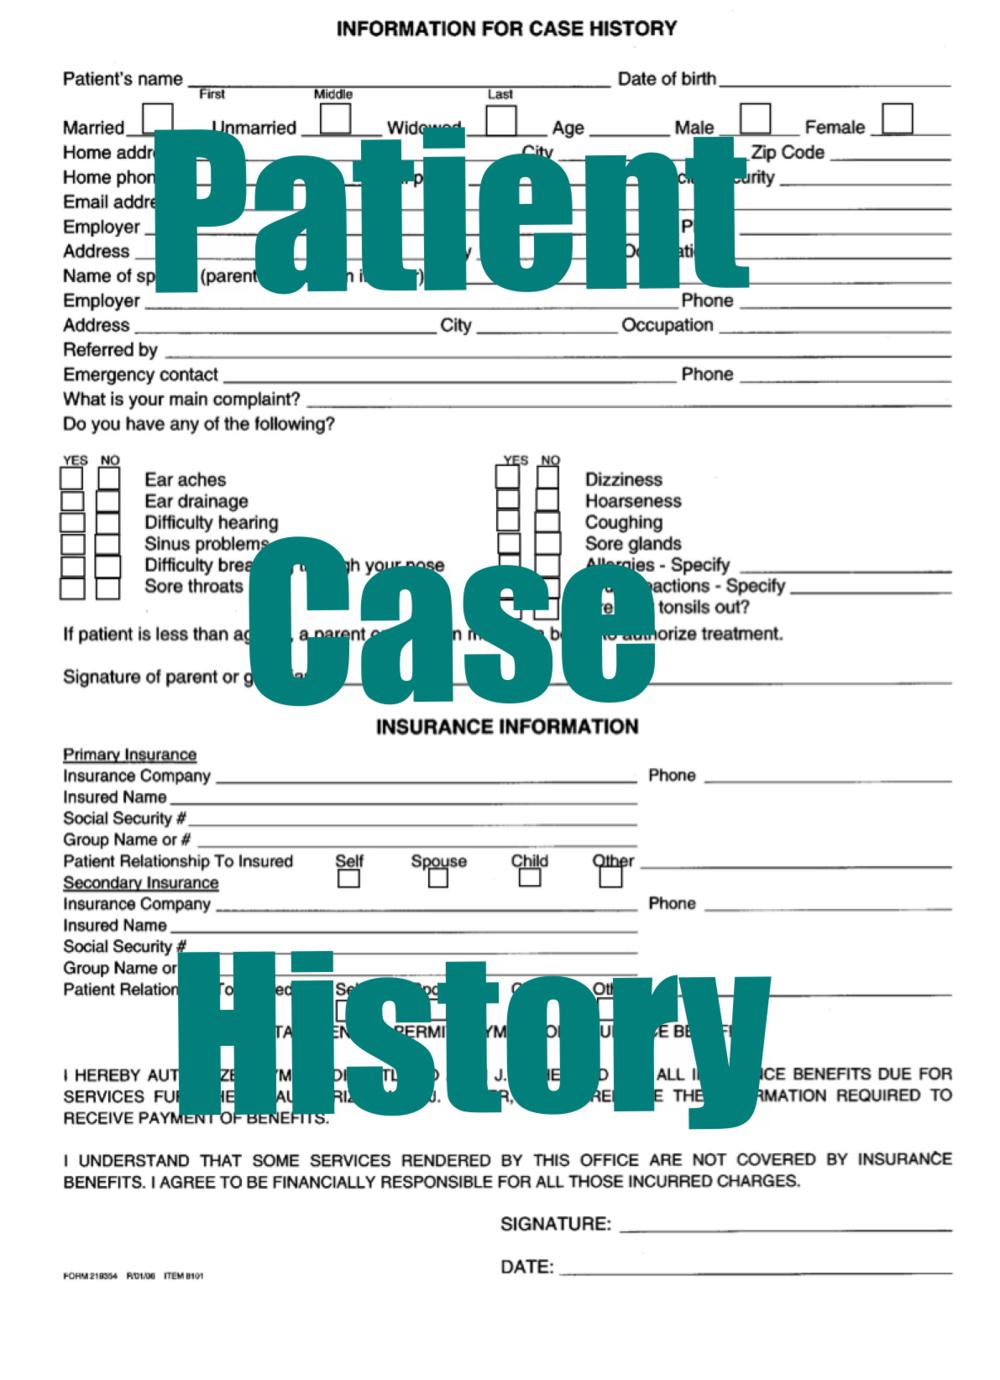 Patient Case History